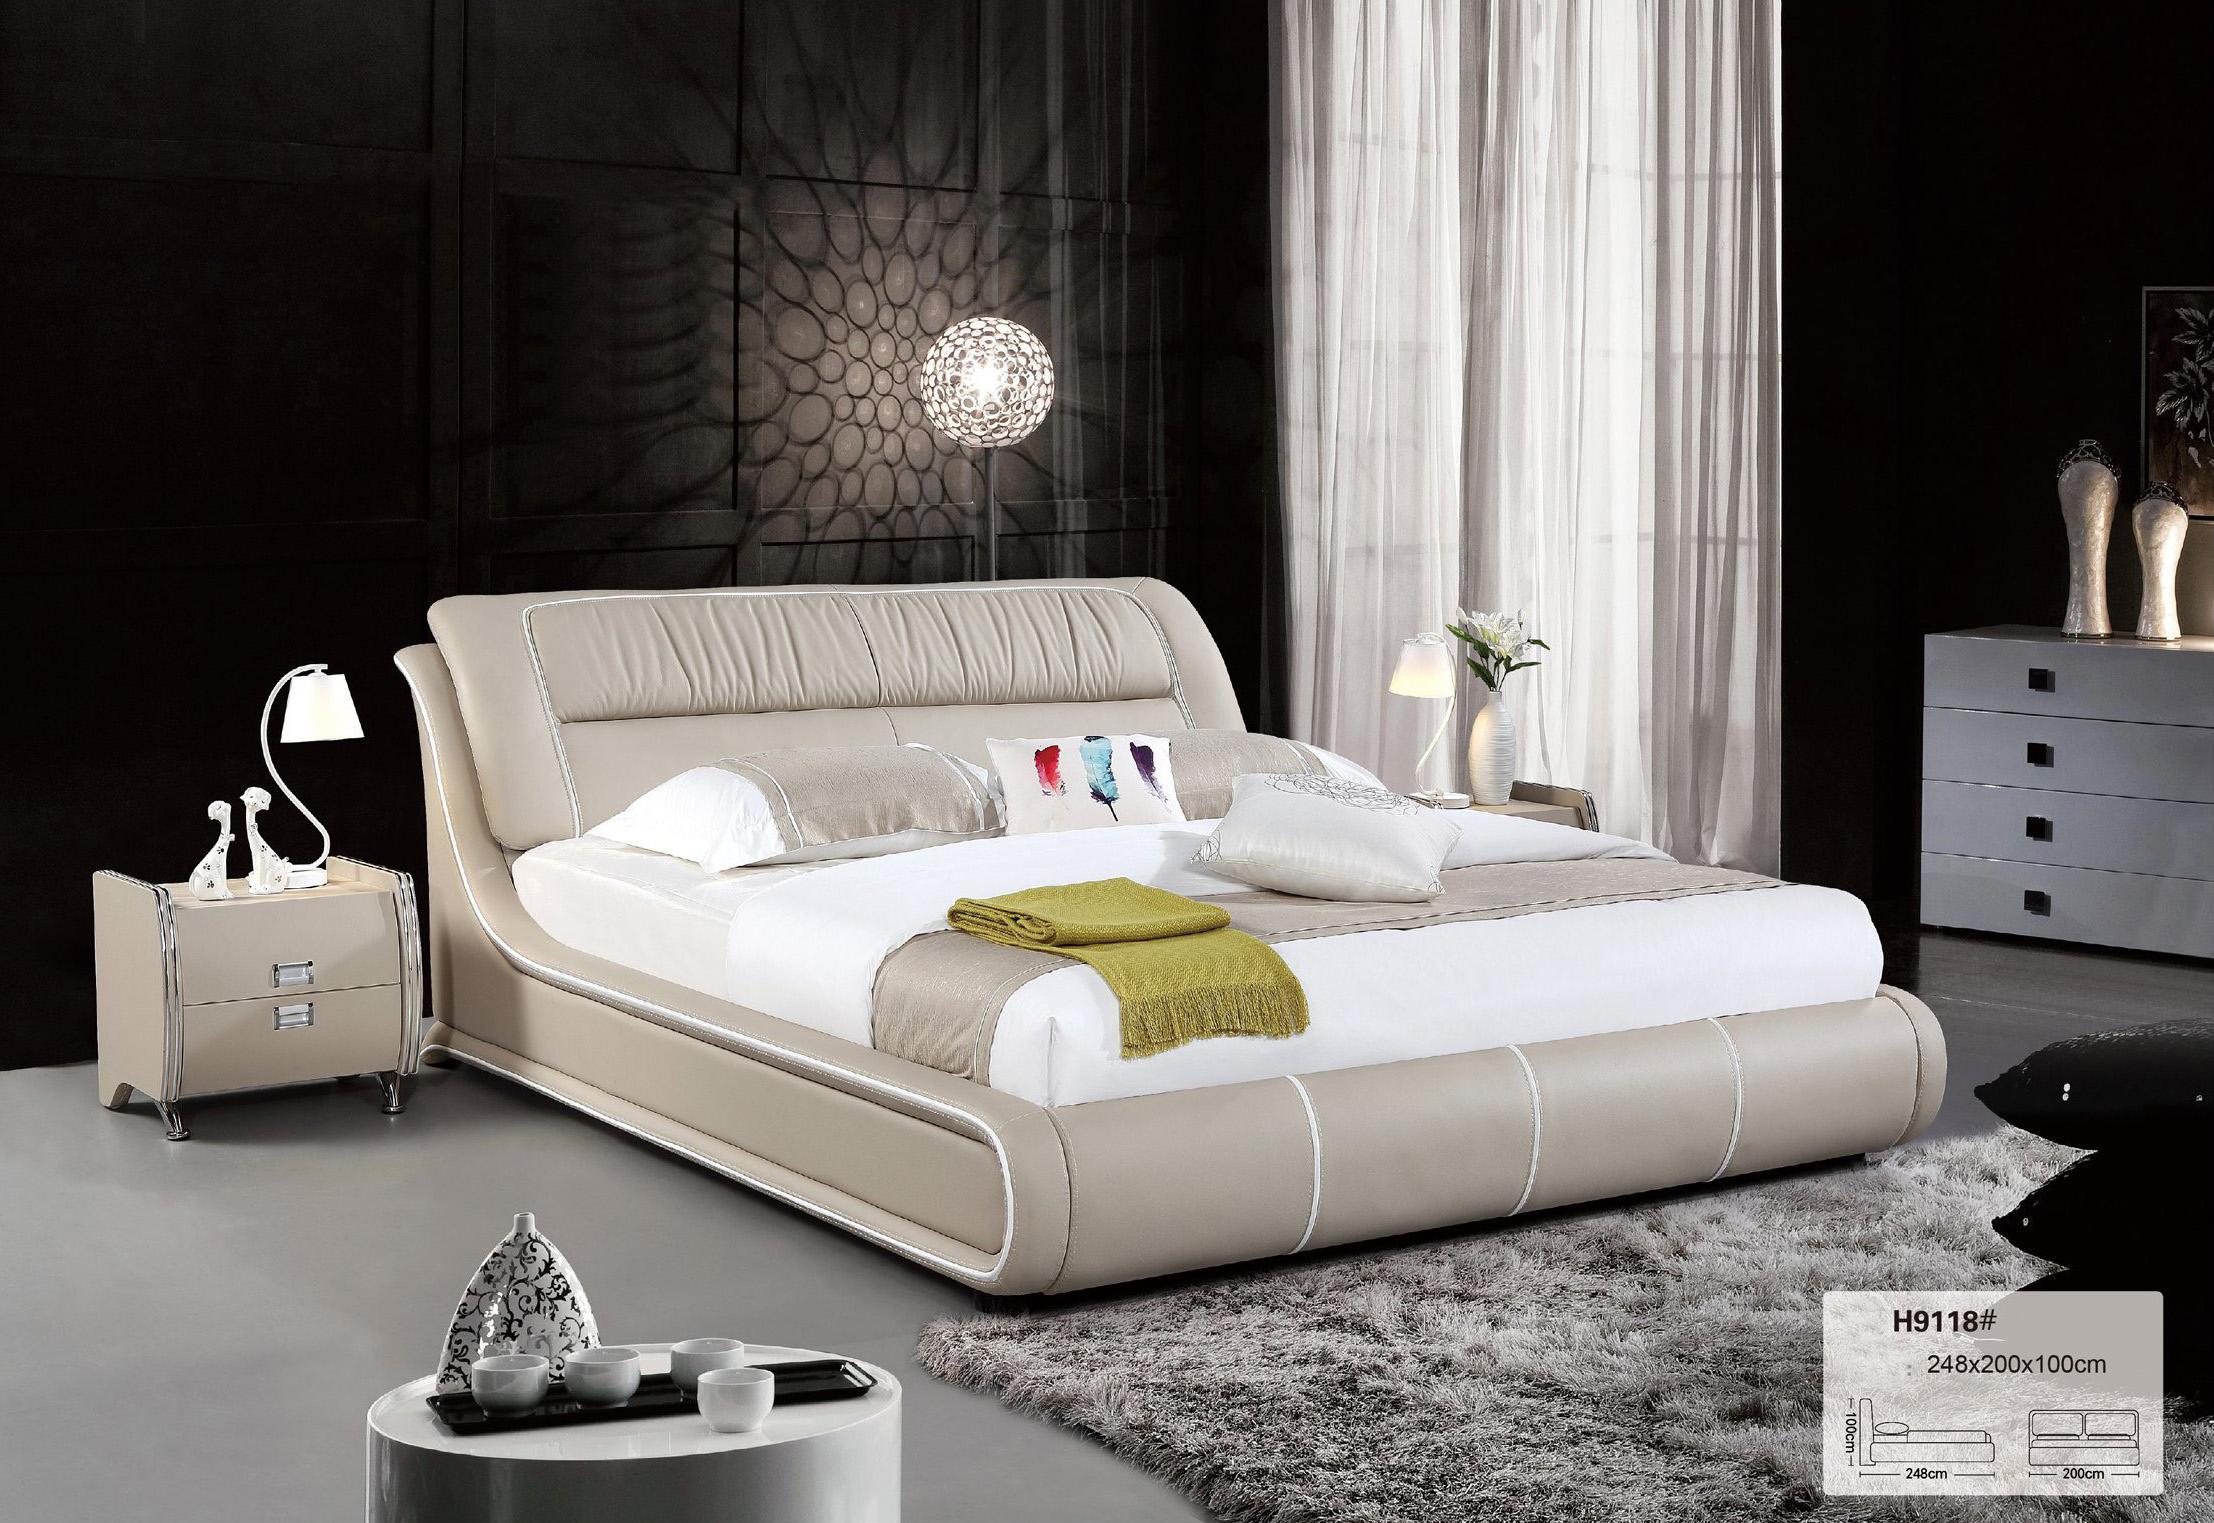 Sofa bọc gia cho phòng ngủ hiện đại TP-H9118